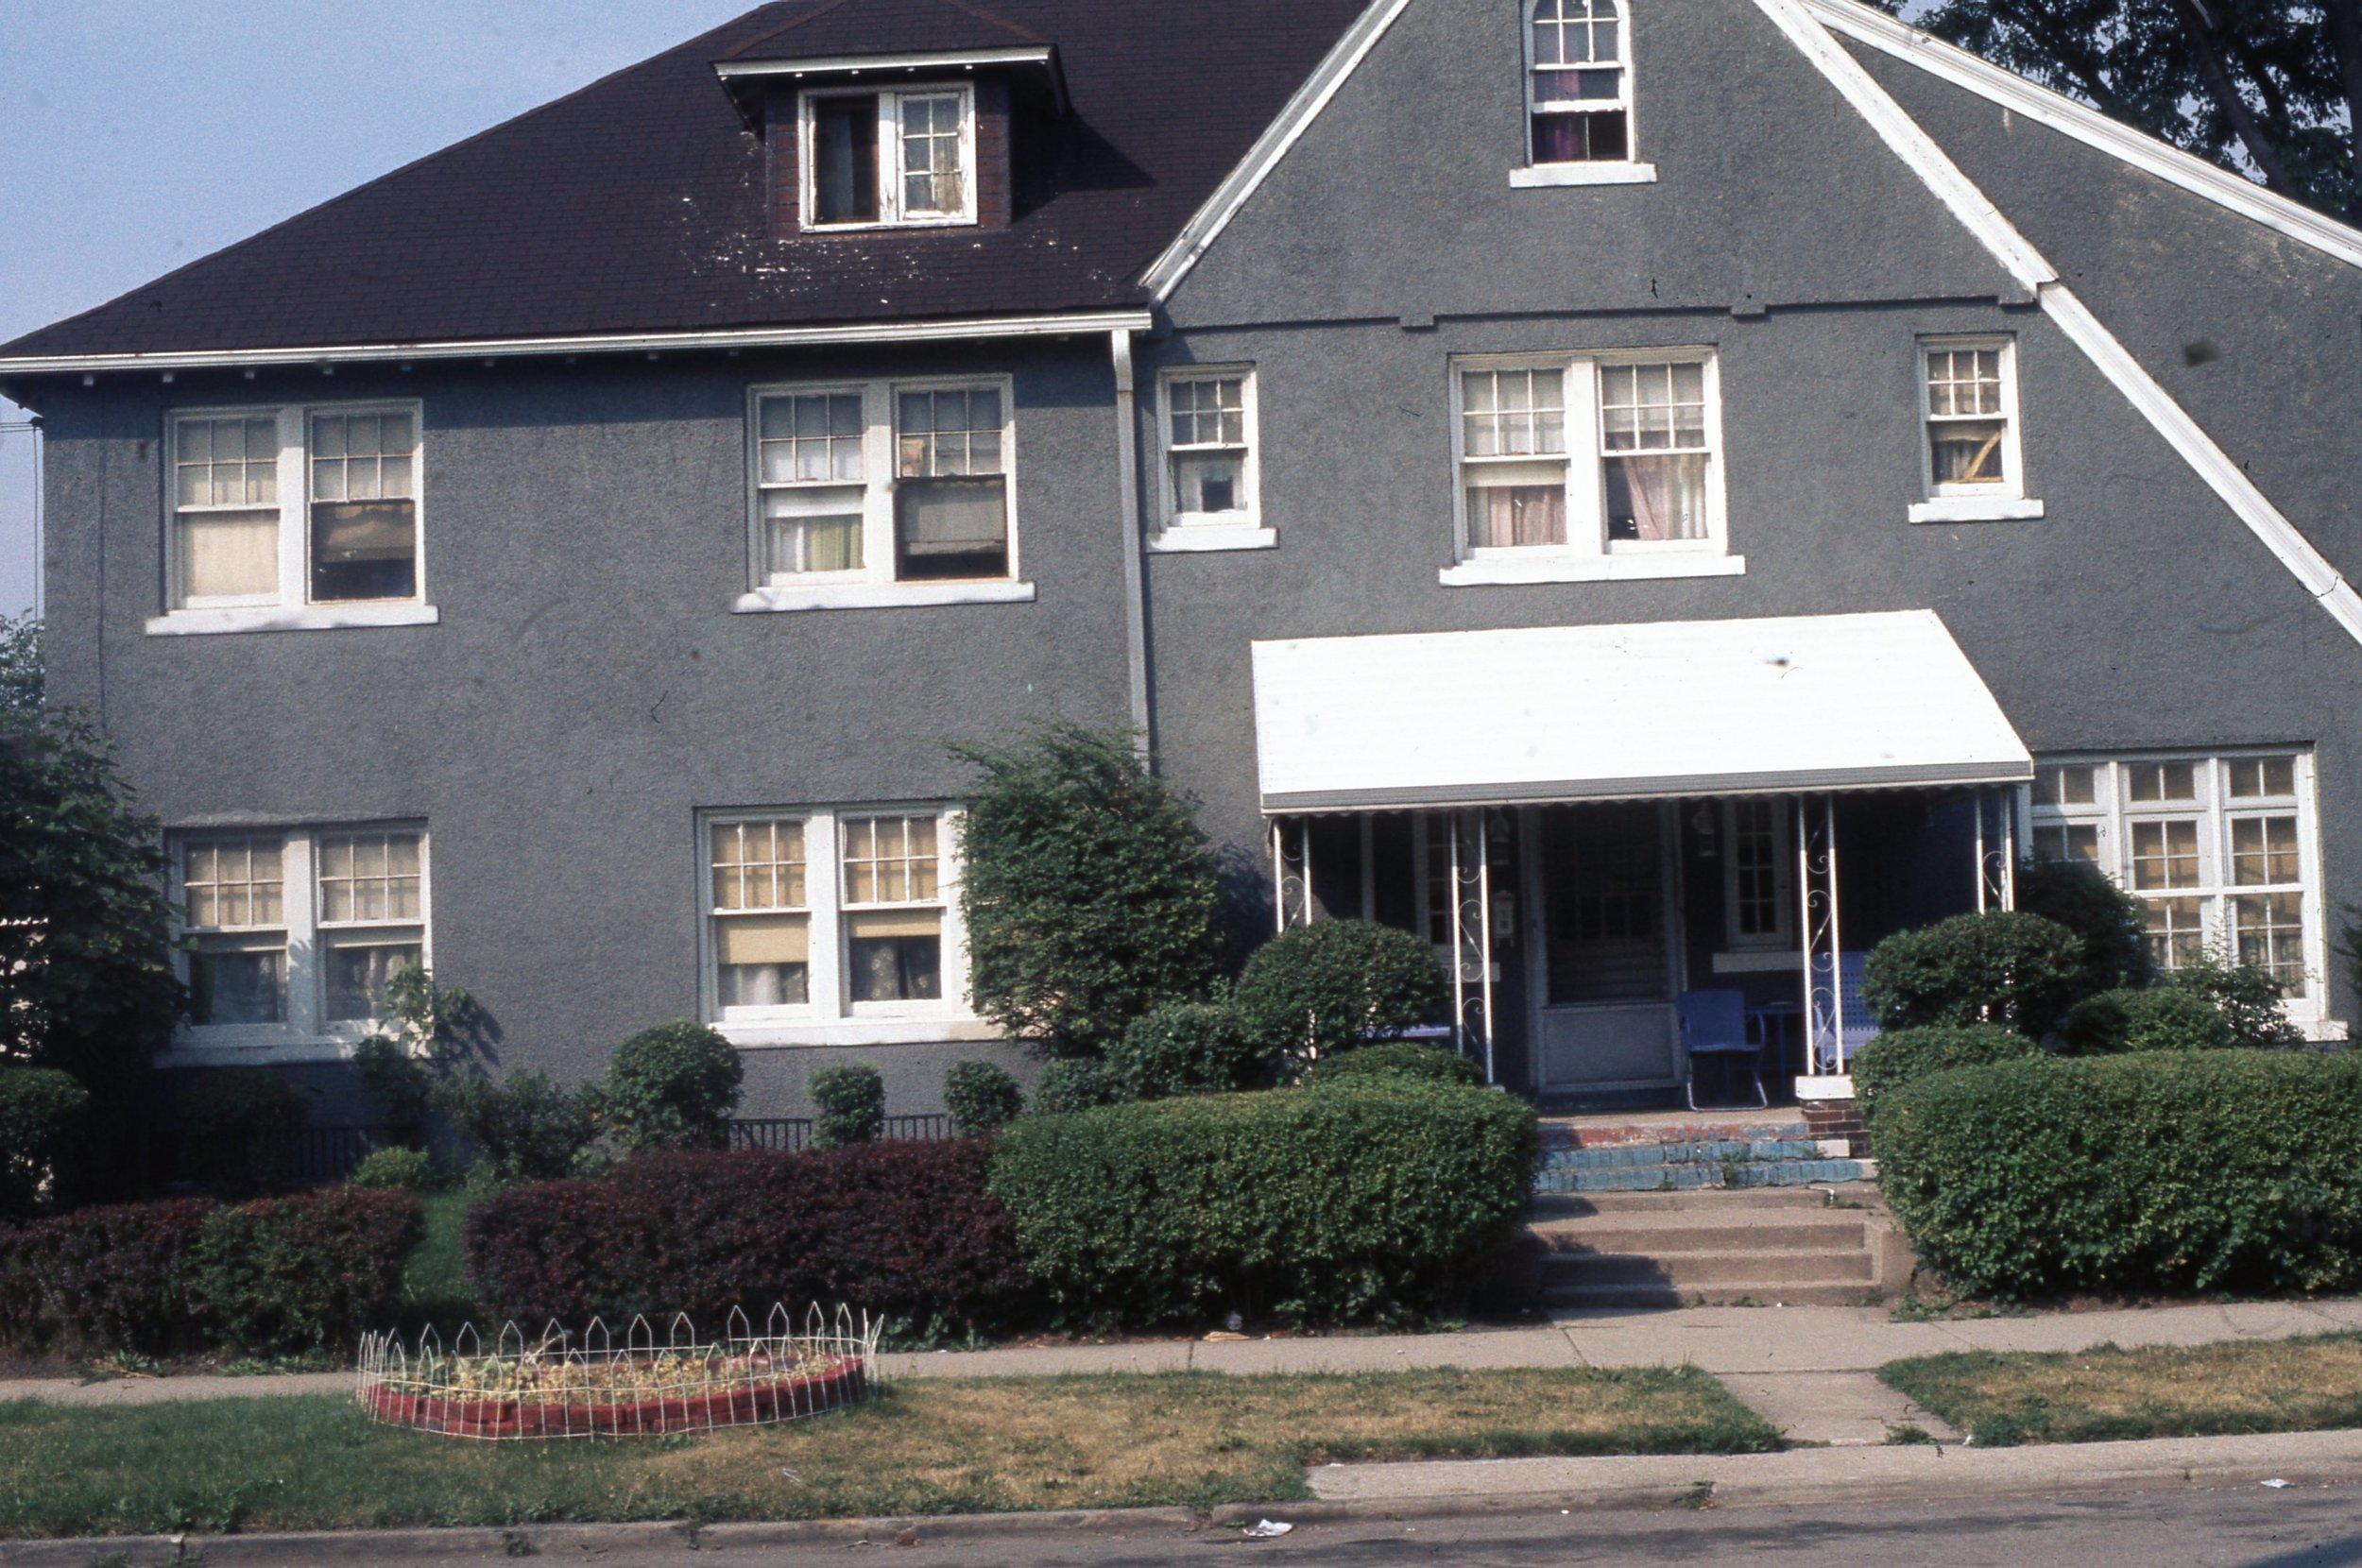 1405  W. Chicago 1974.jpg